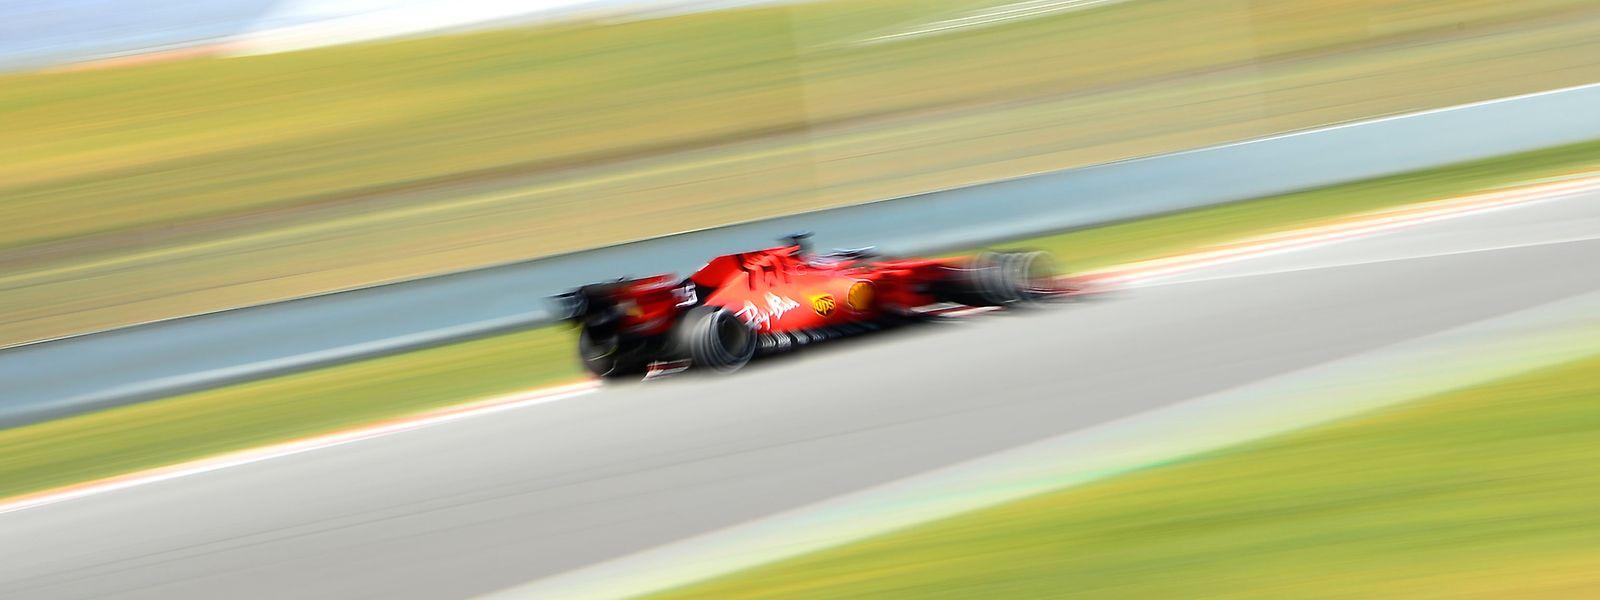 Die Ferraris wollen in der Formel 1 endlich wieder den WM-Titel gewinnen.